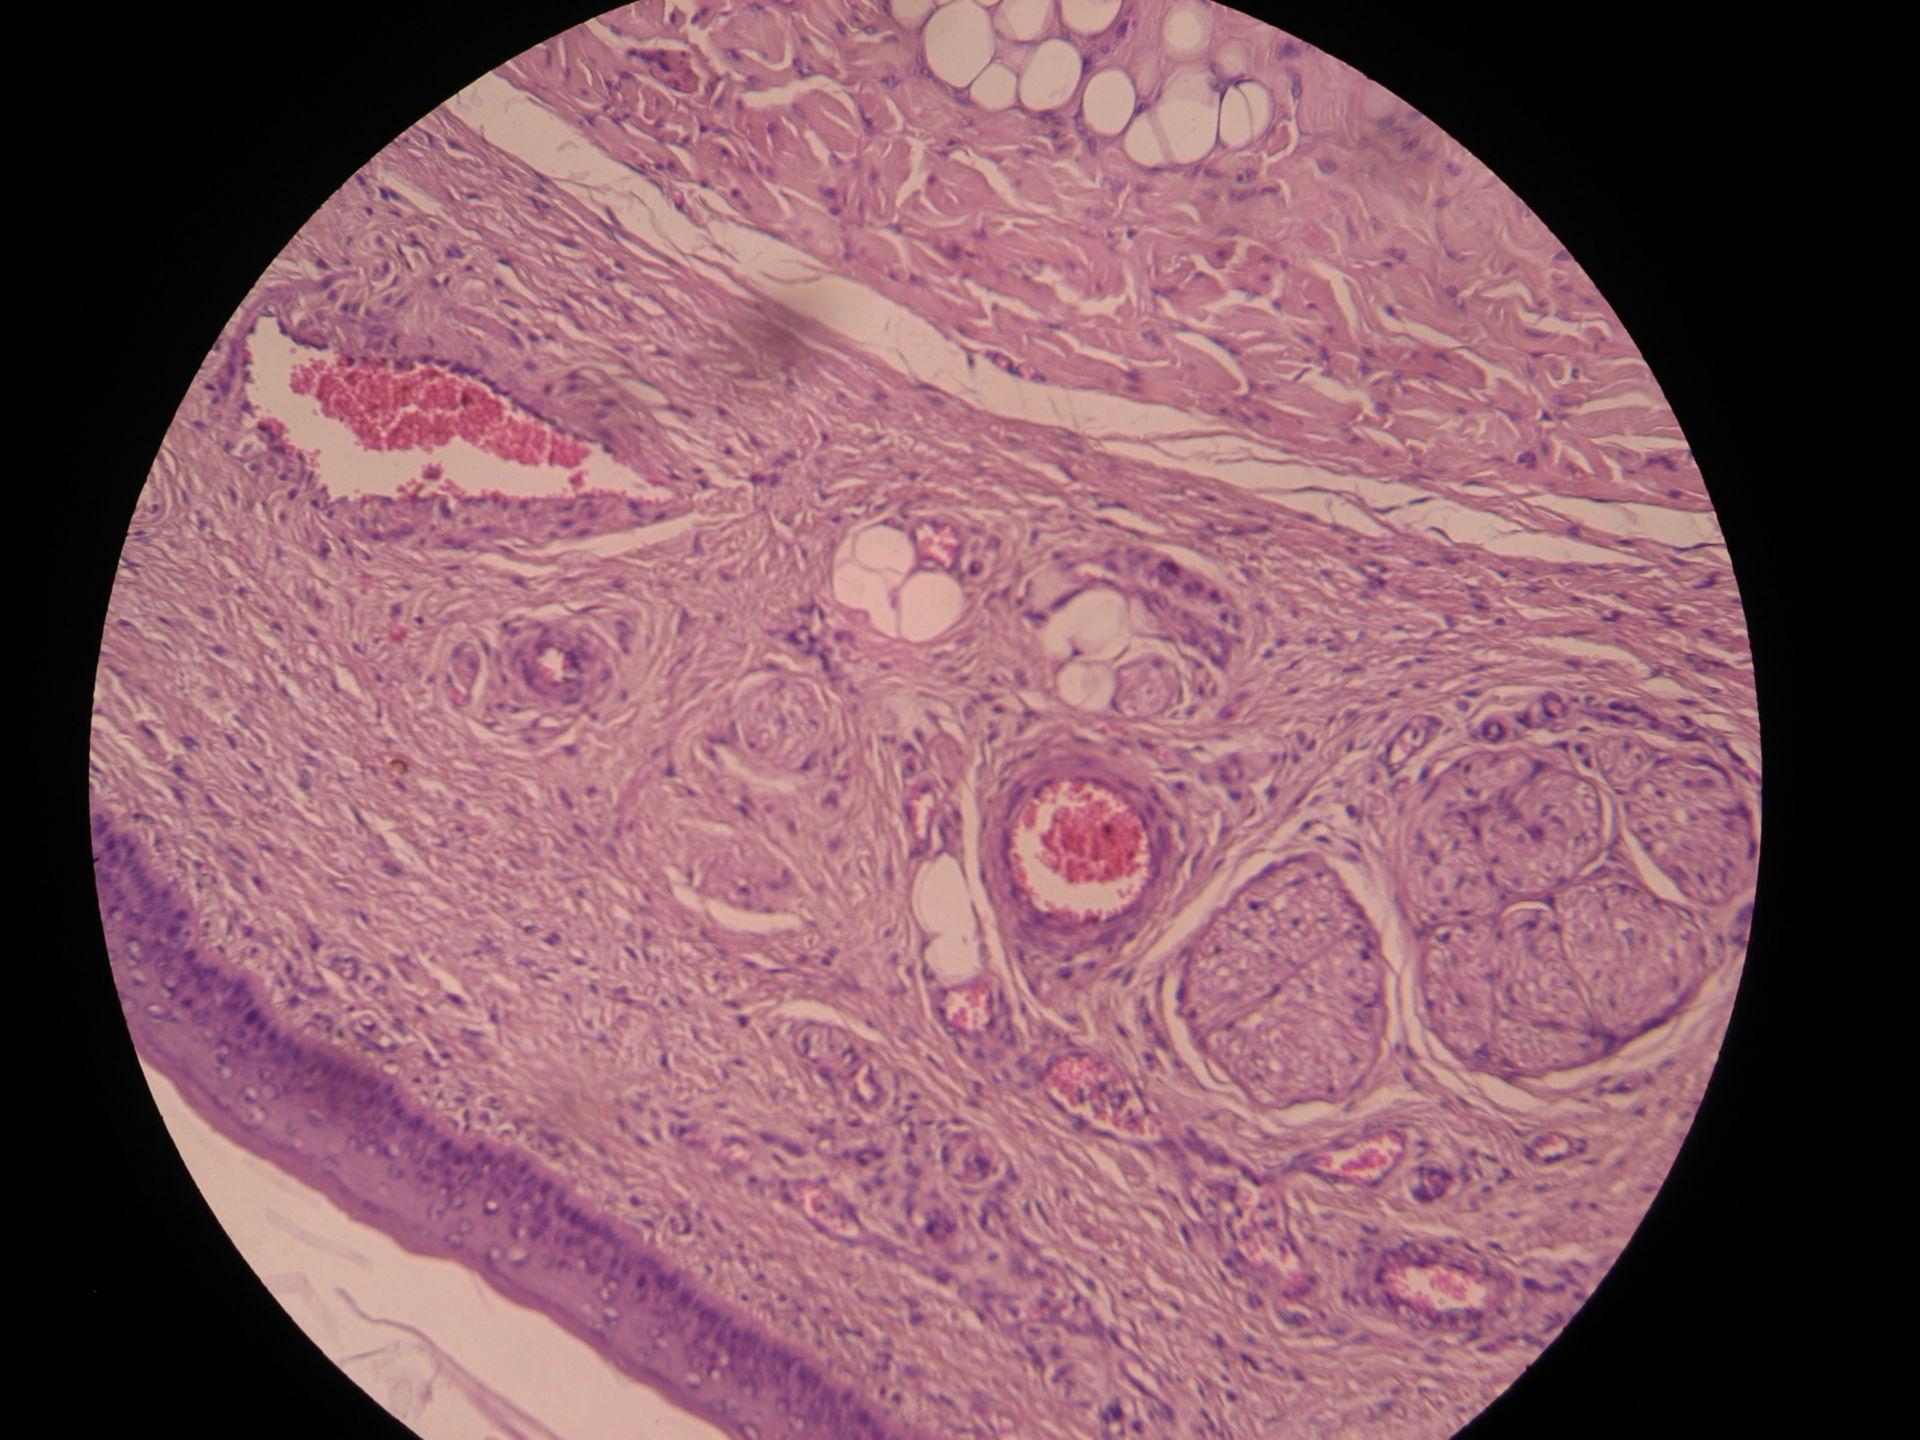 Veterinary Medicine: Glans Penis of a Cat (4) - Tunica albuginea